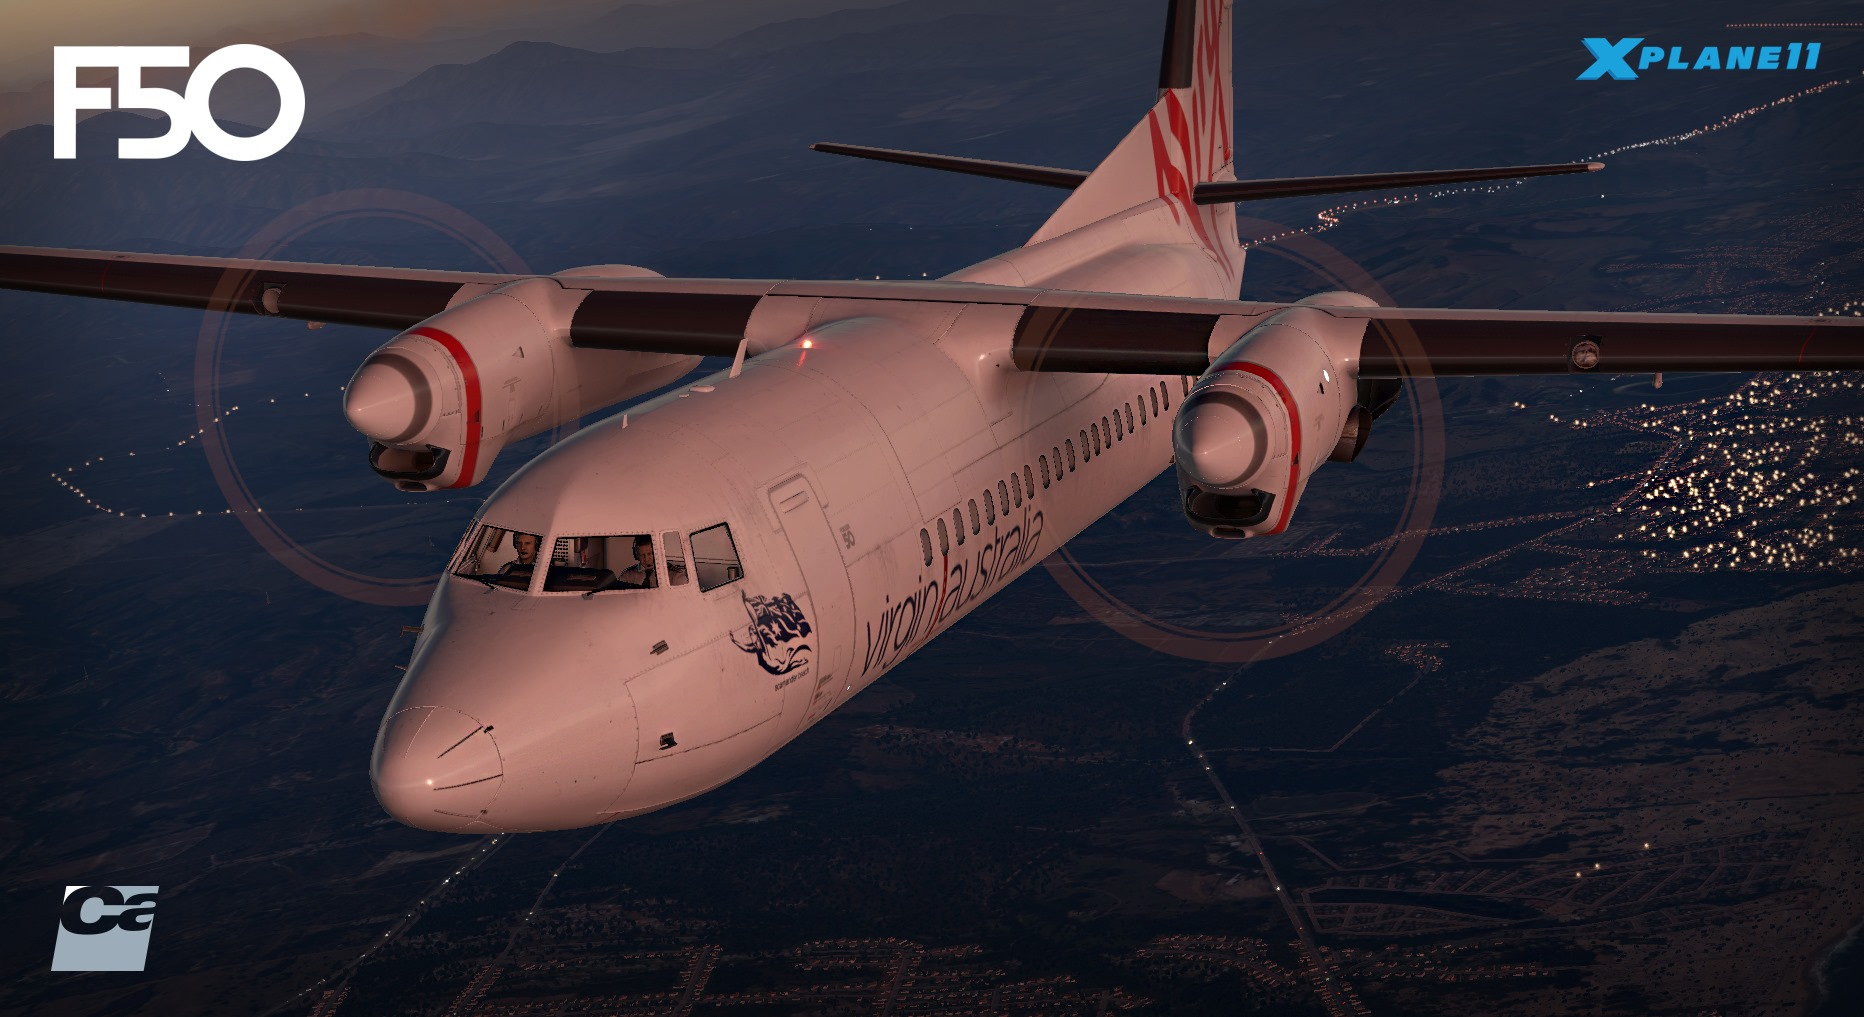 Carenado Announces F50 For X-Plane | Threshold